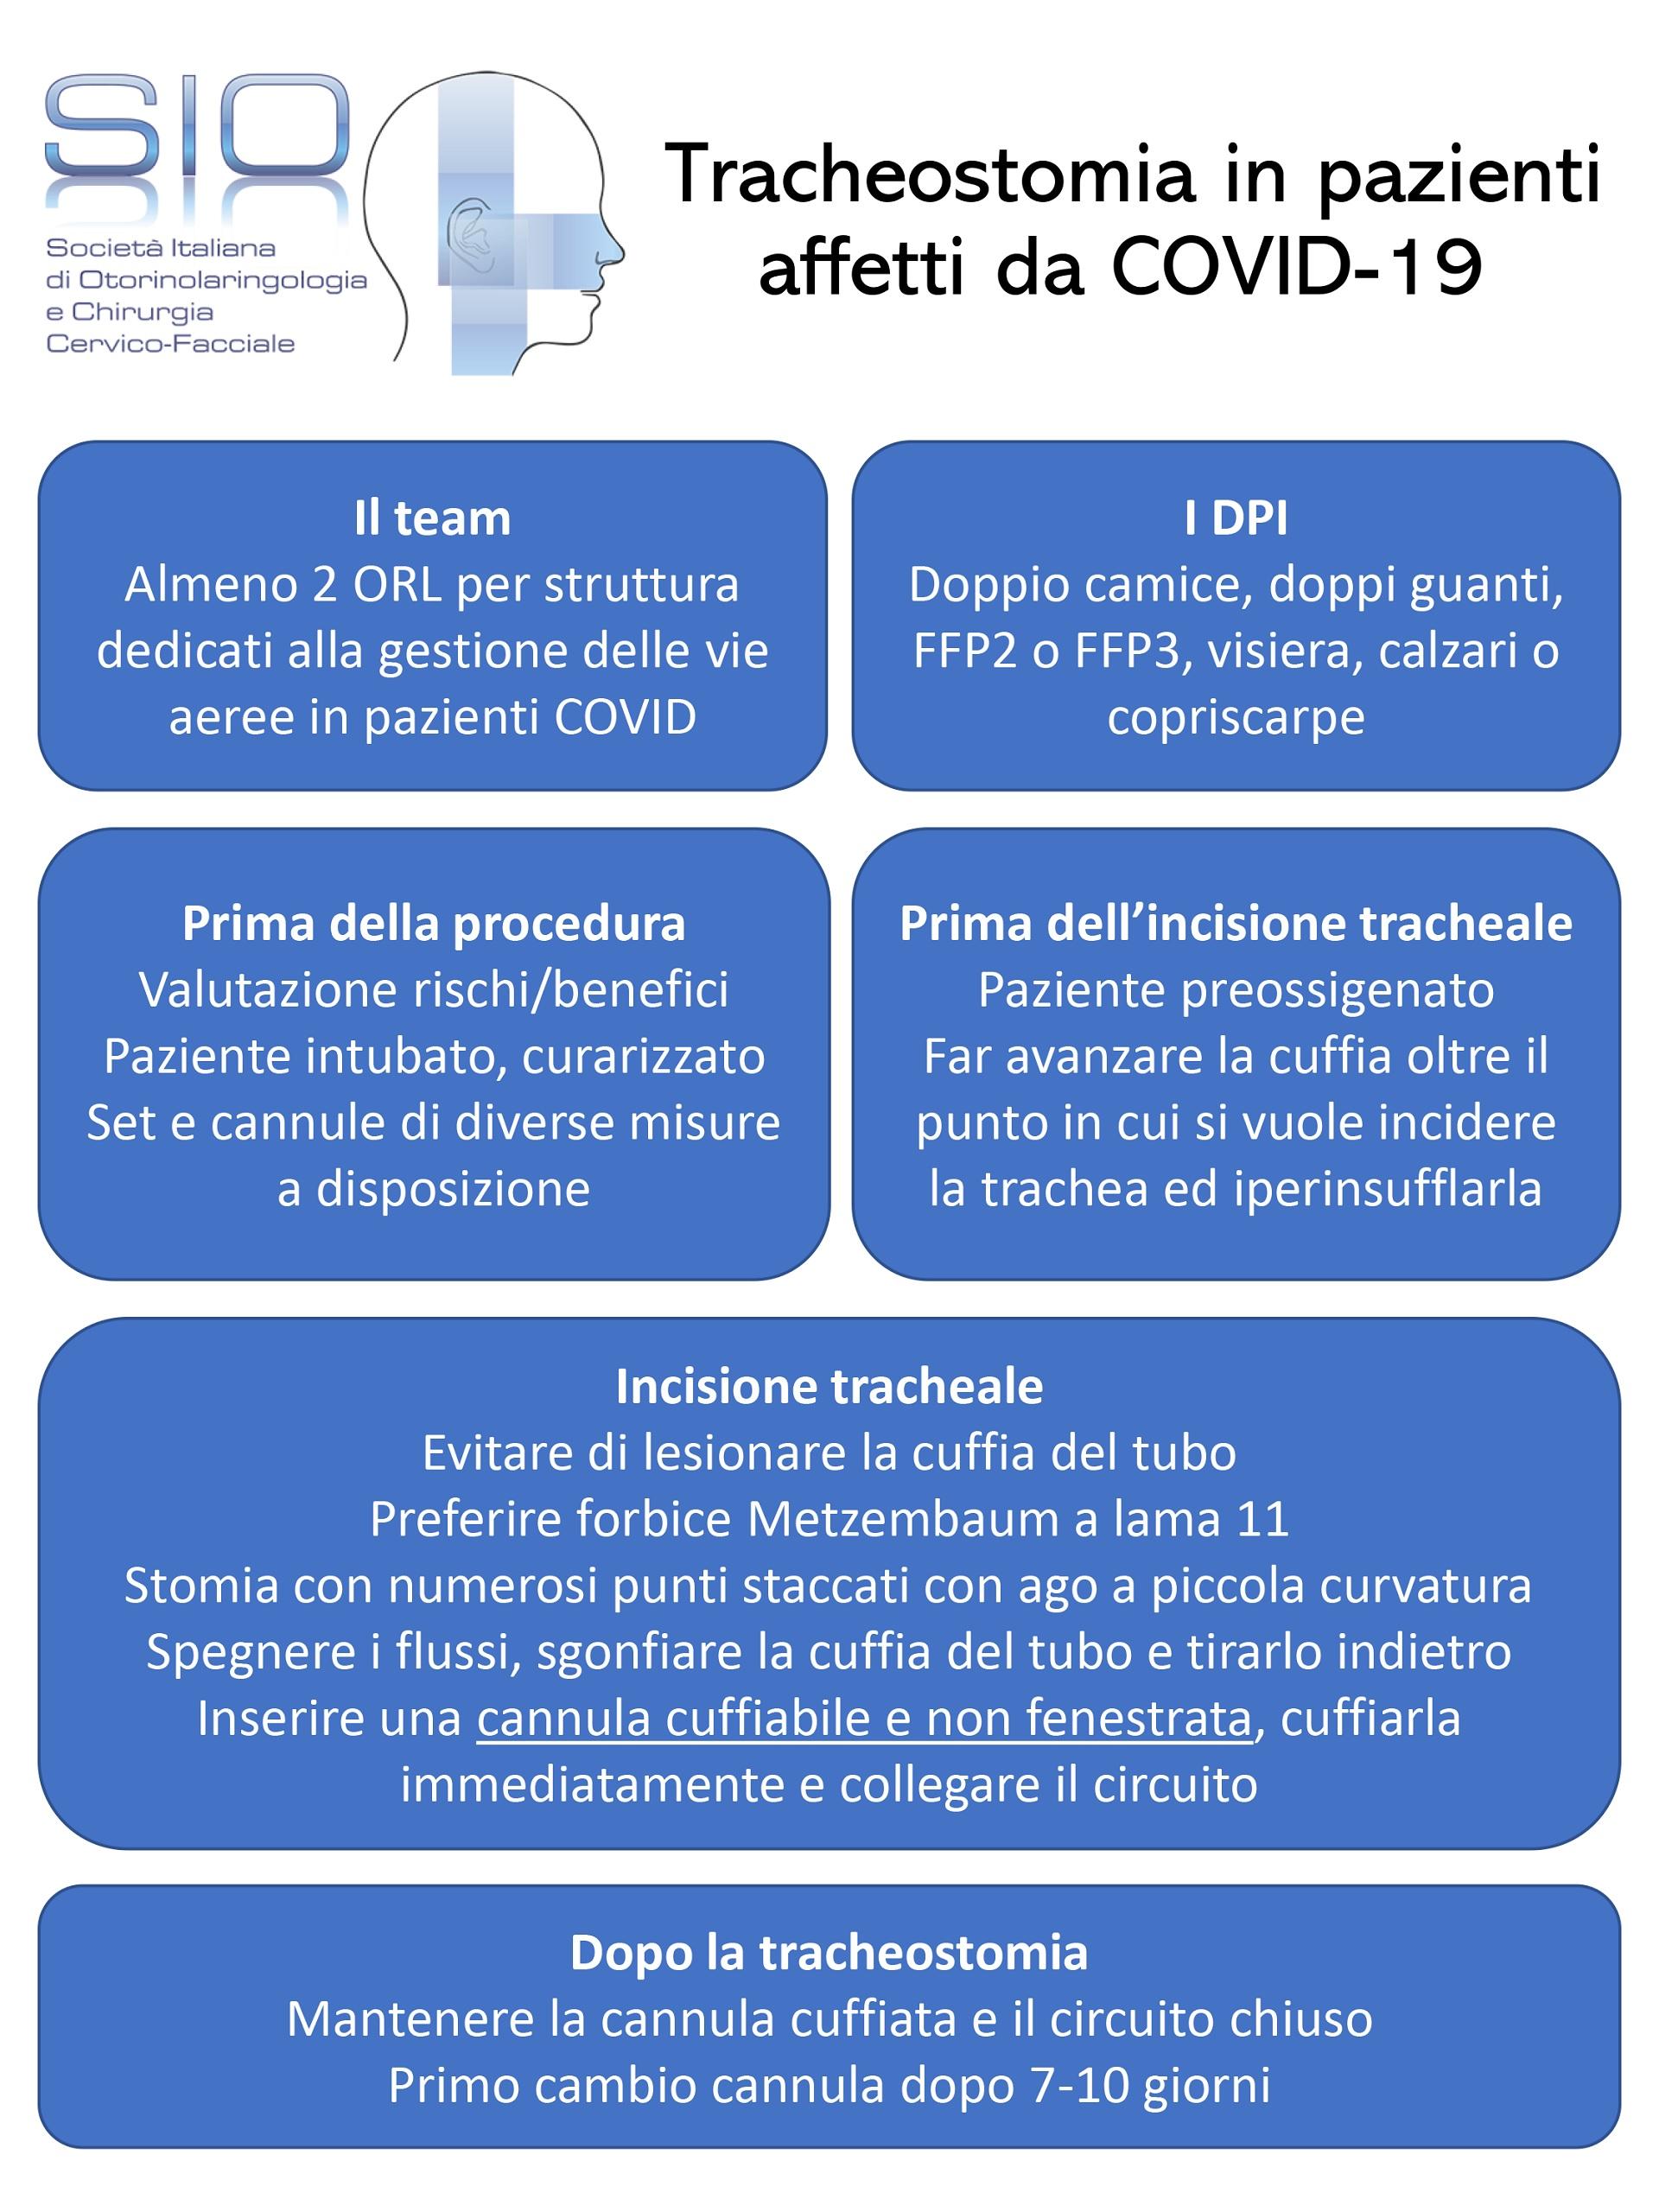 tracheotomia-pazienti-cov19-doc2